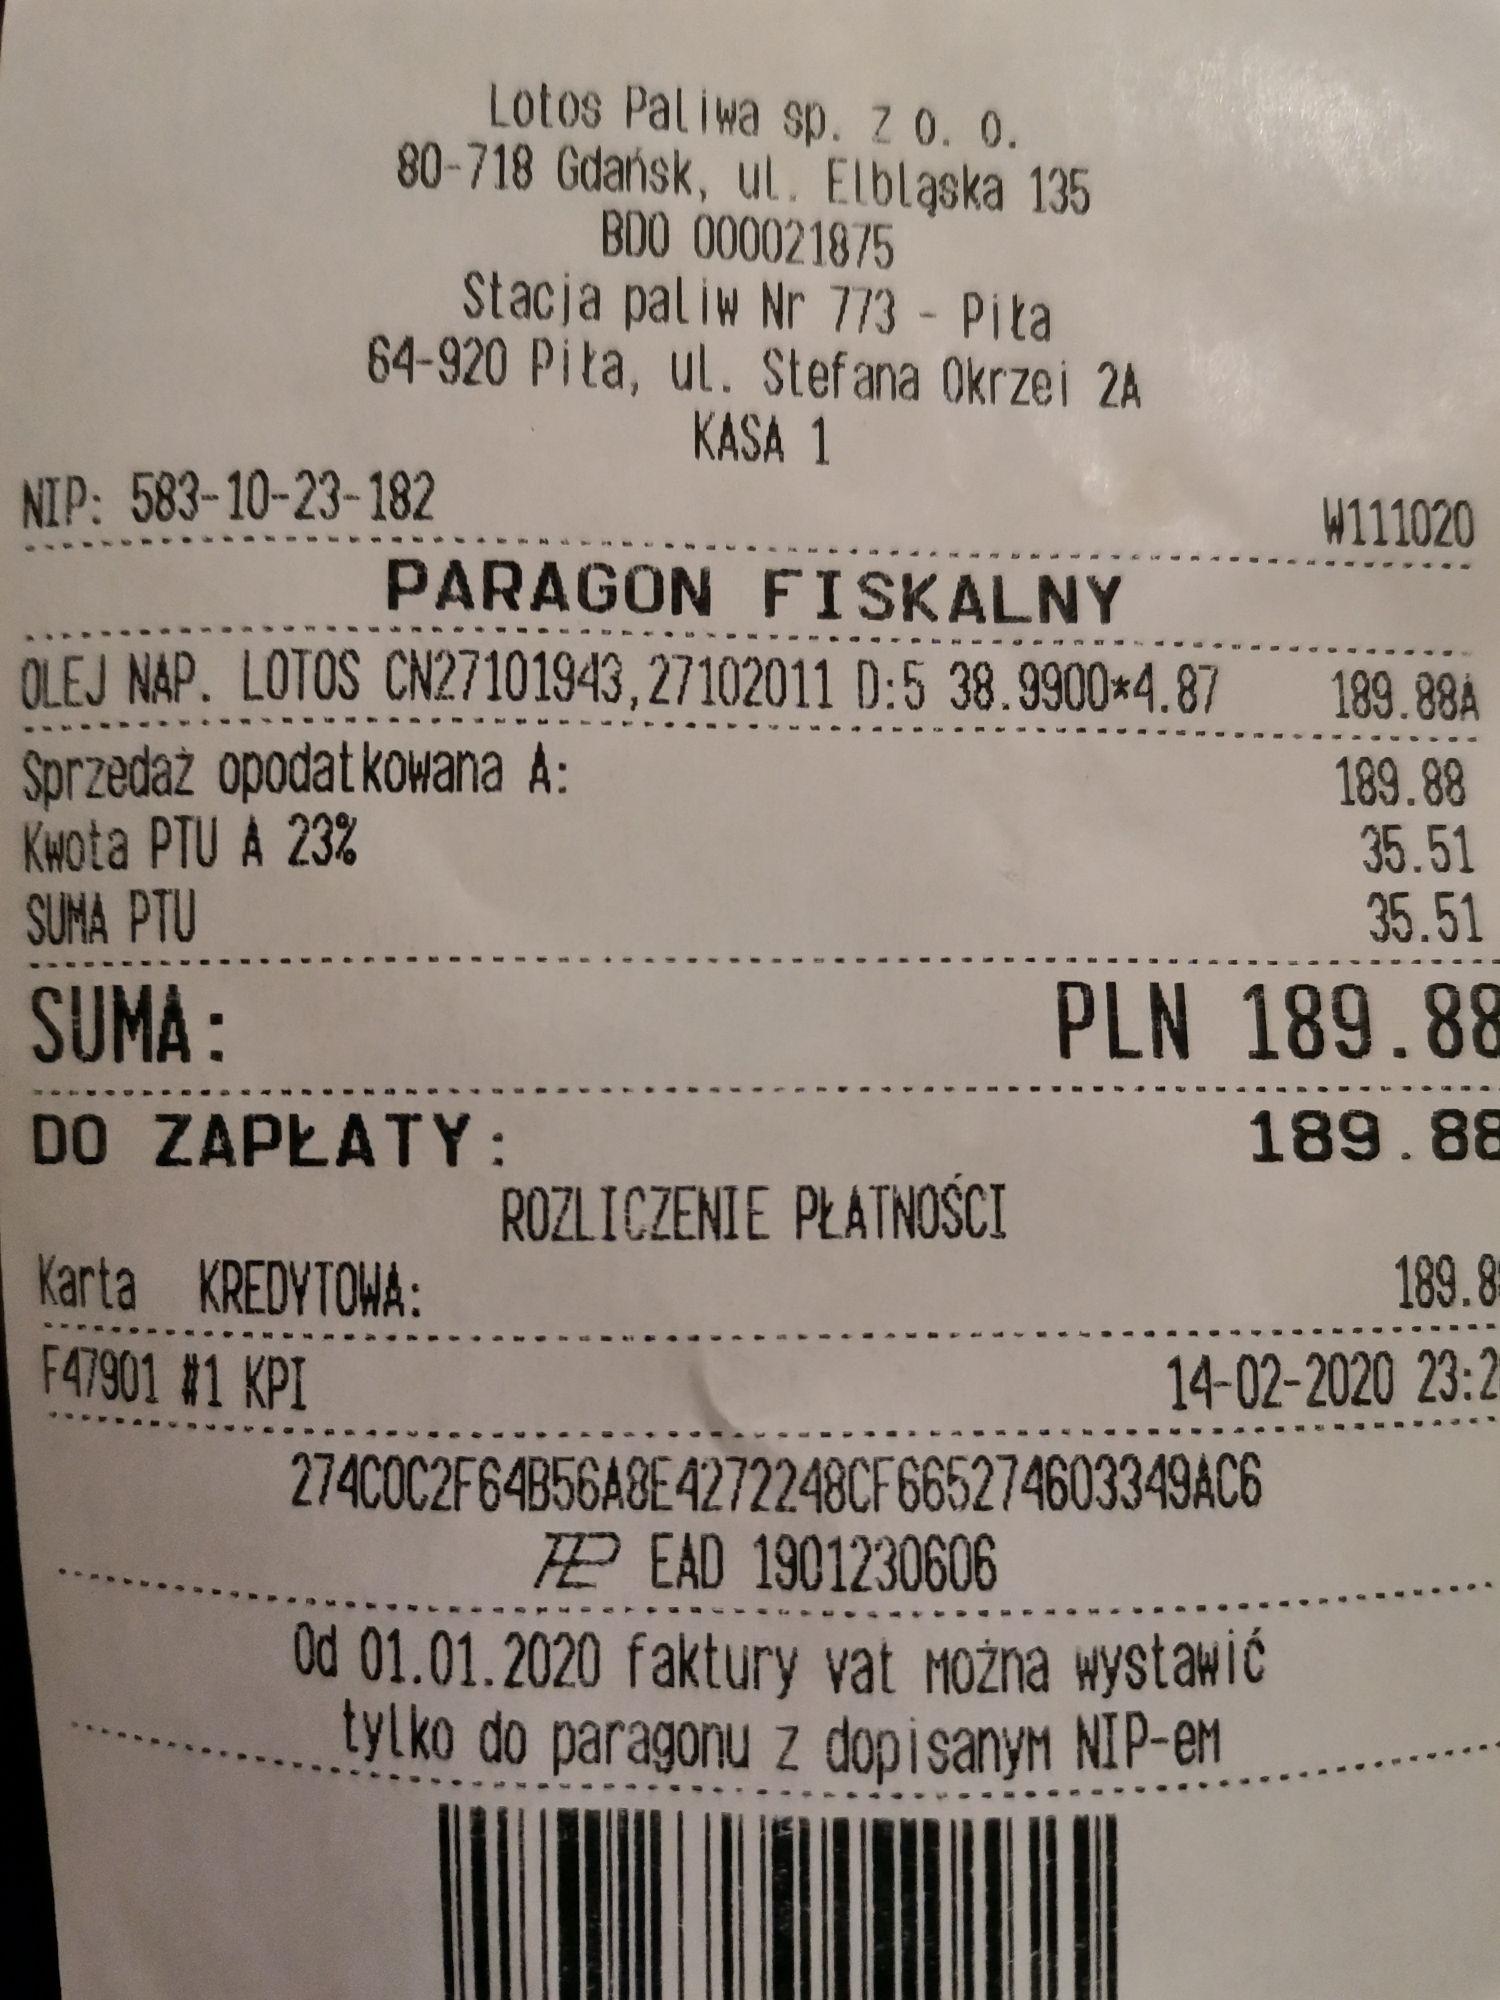 Olej napędowy ON 4,87 zł/L Lotos Optima Piła